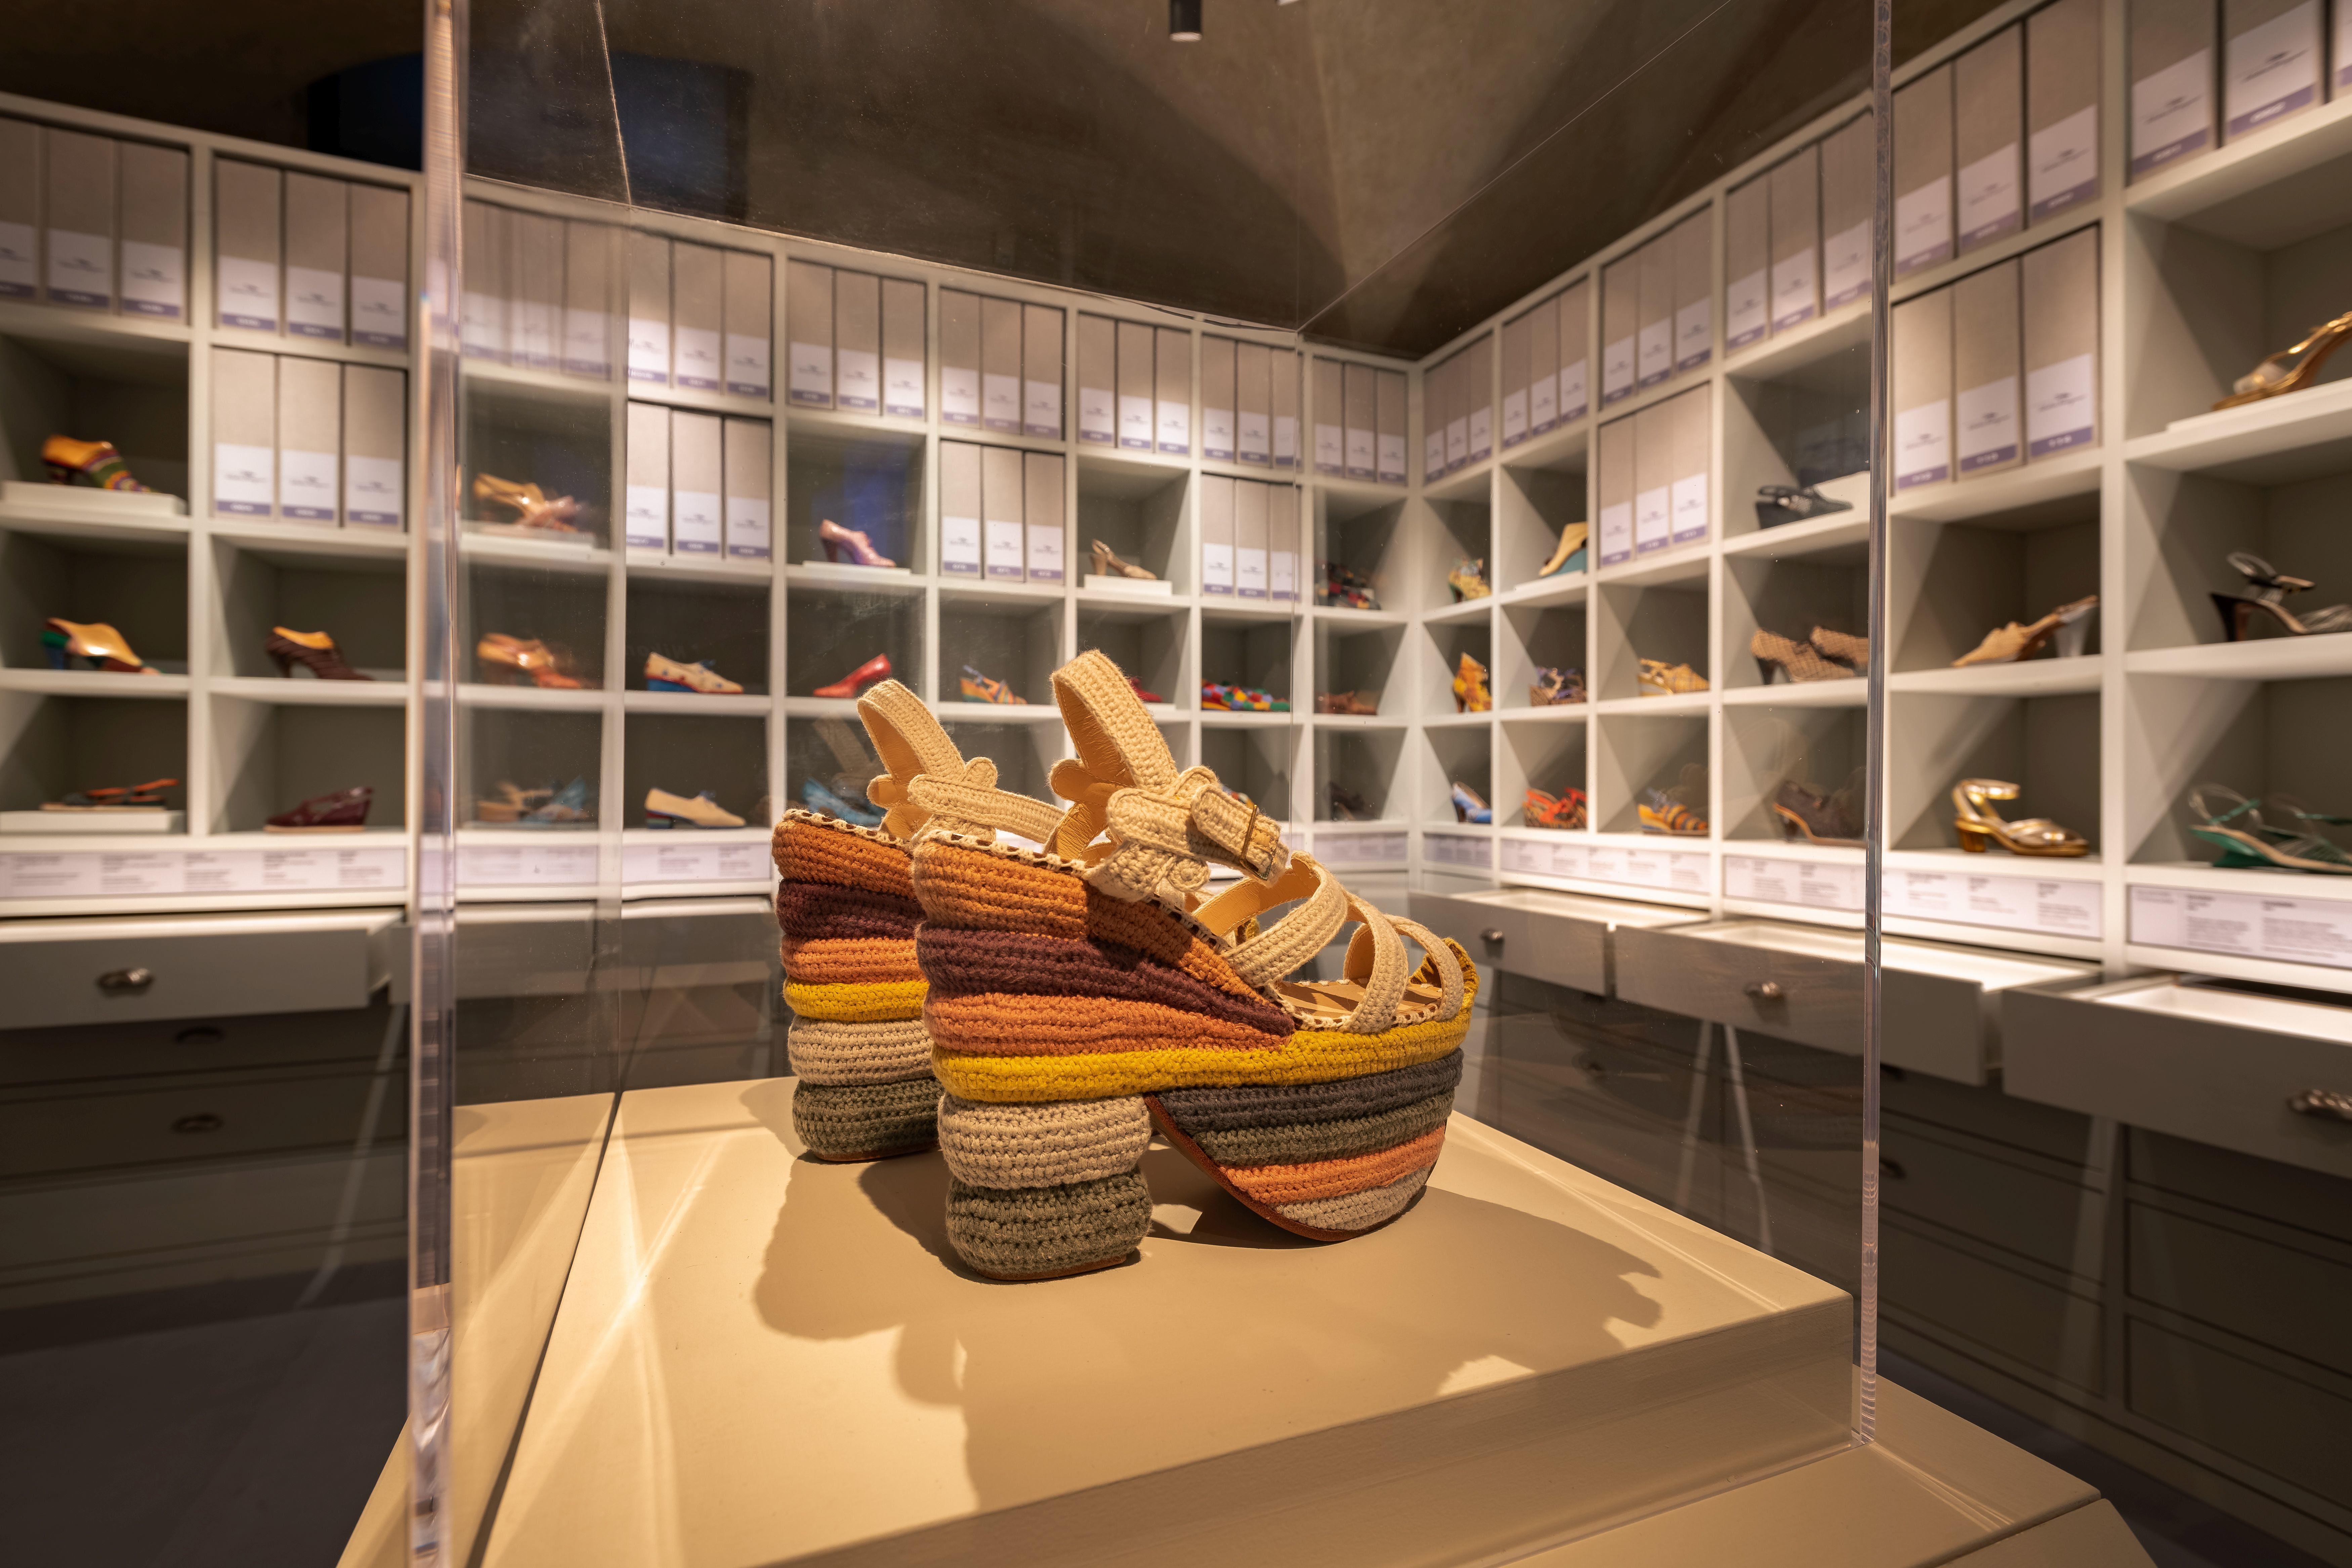 e8ac4c73 f4cc 40bd b733 b0487260e2d2 - Salvatore Ferragamo abre las puertas de su Museo y sus boutiques con visitas virtuales